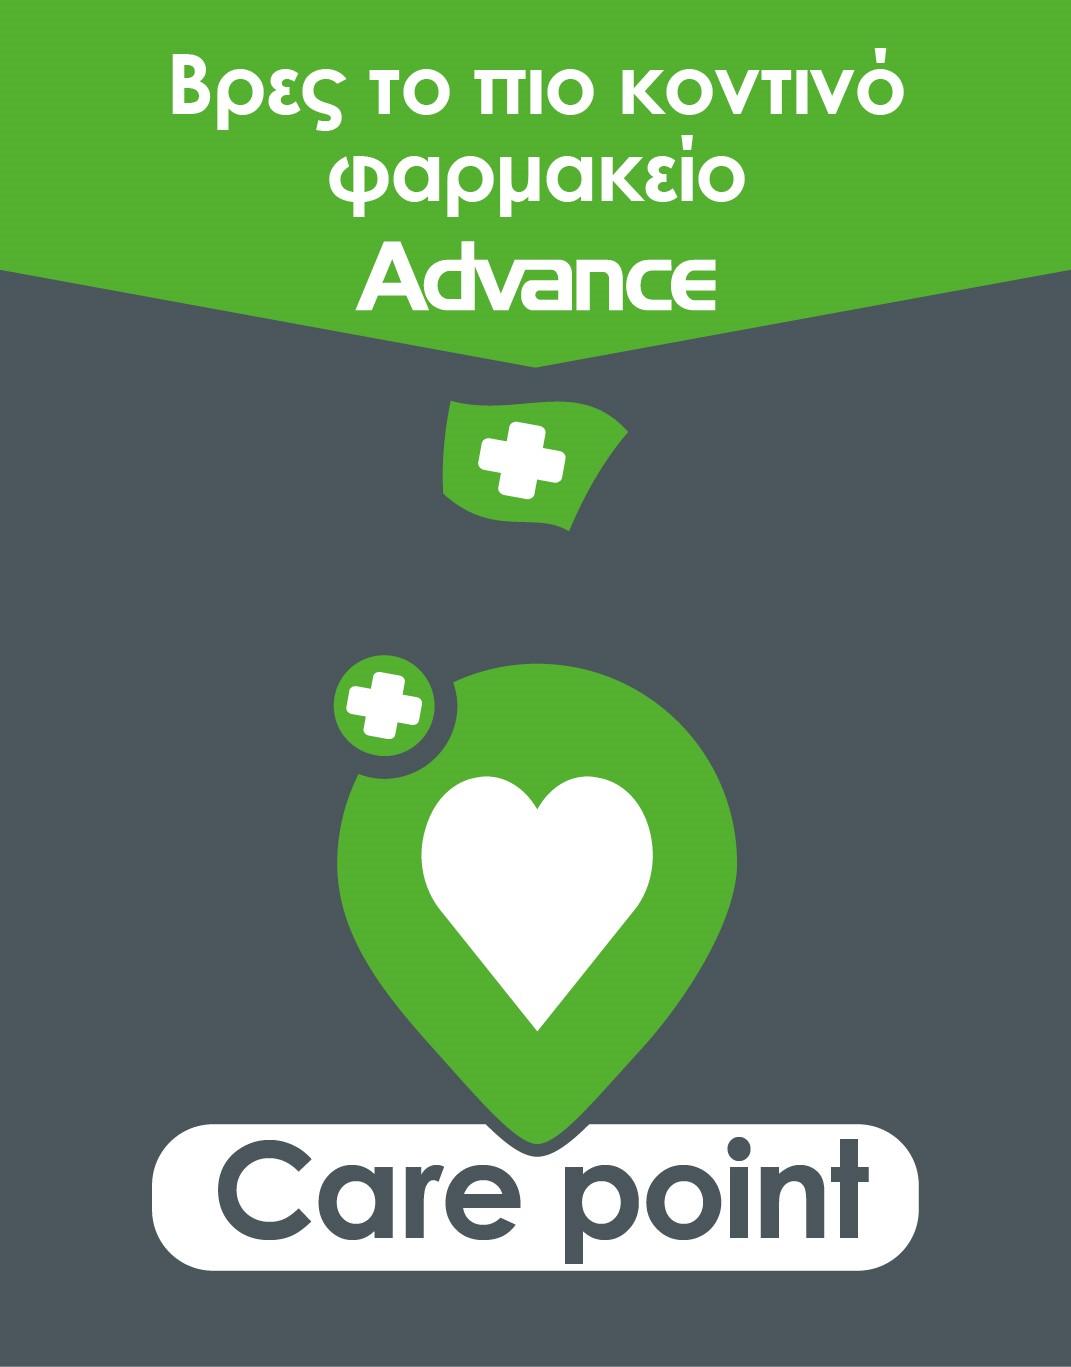 Δίκτυο Φαρμακείων Advance Pharmacies